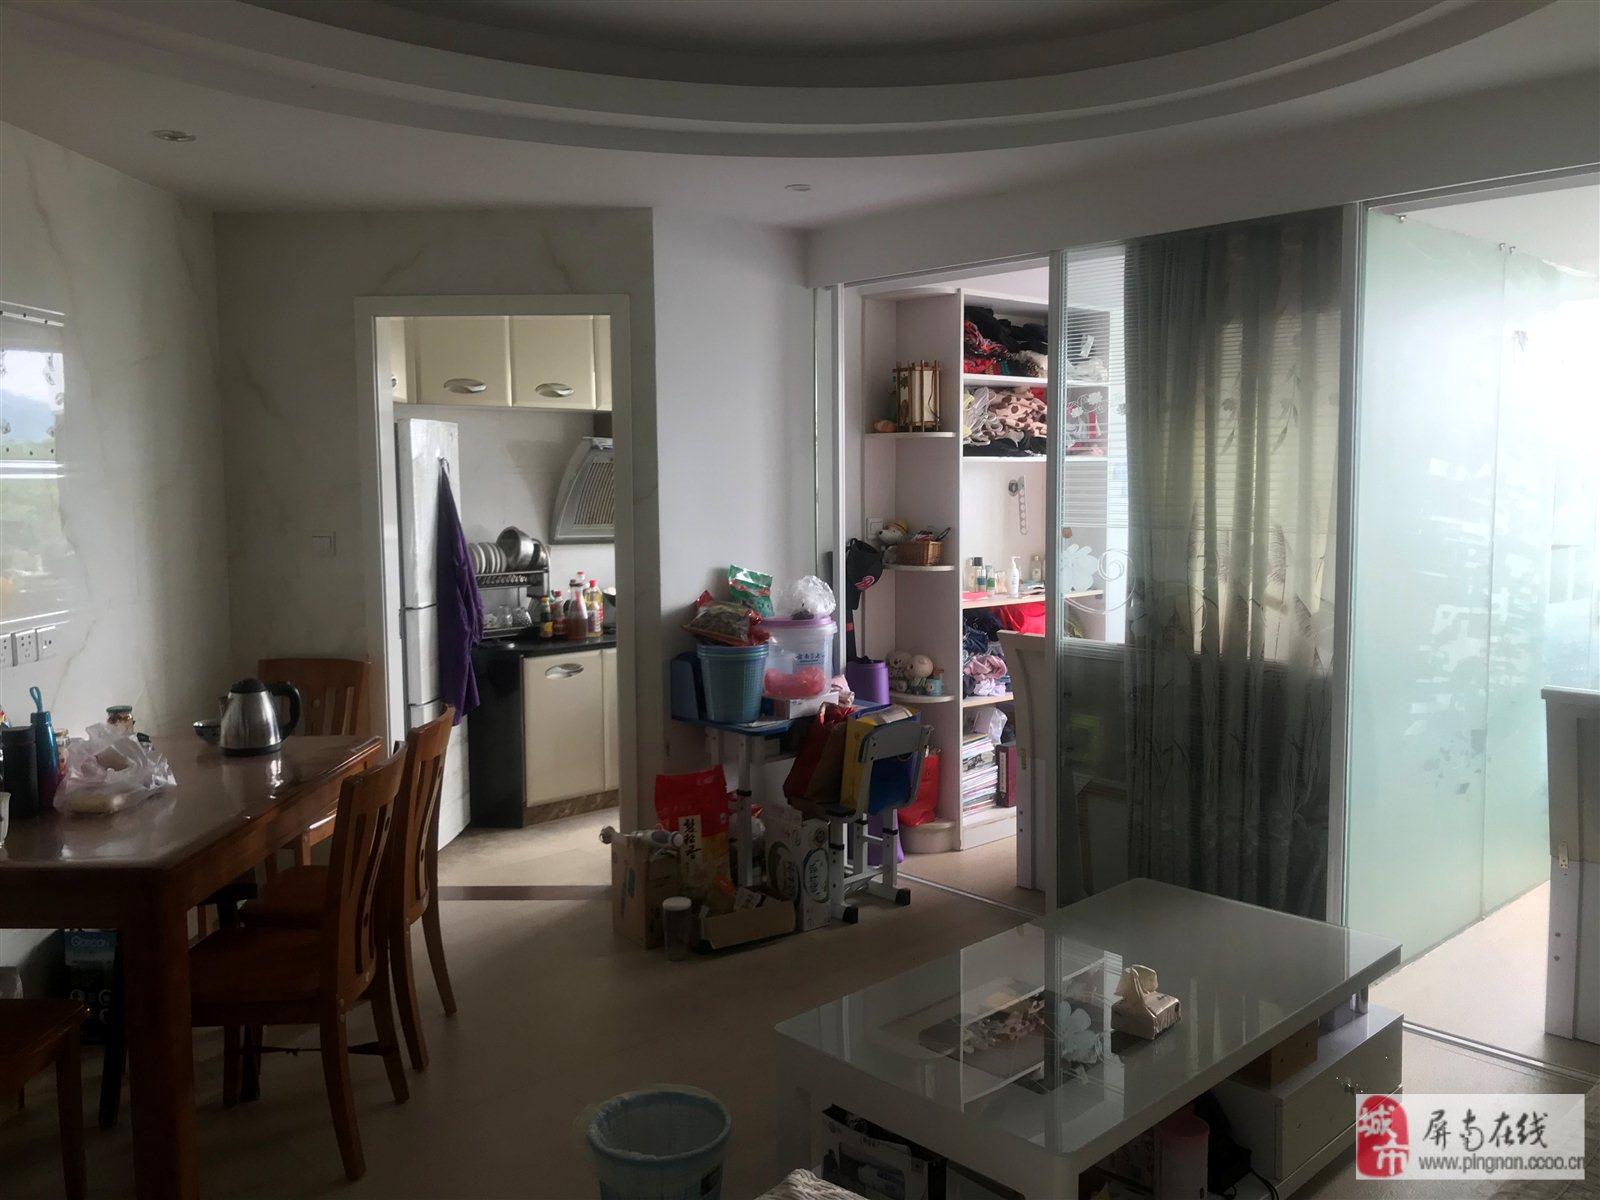 新京葡棋牌县盛世豪庭3室 1厅 1卫43万元